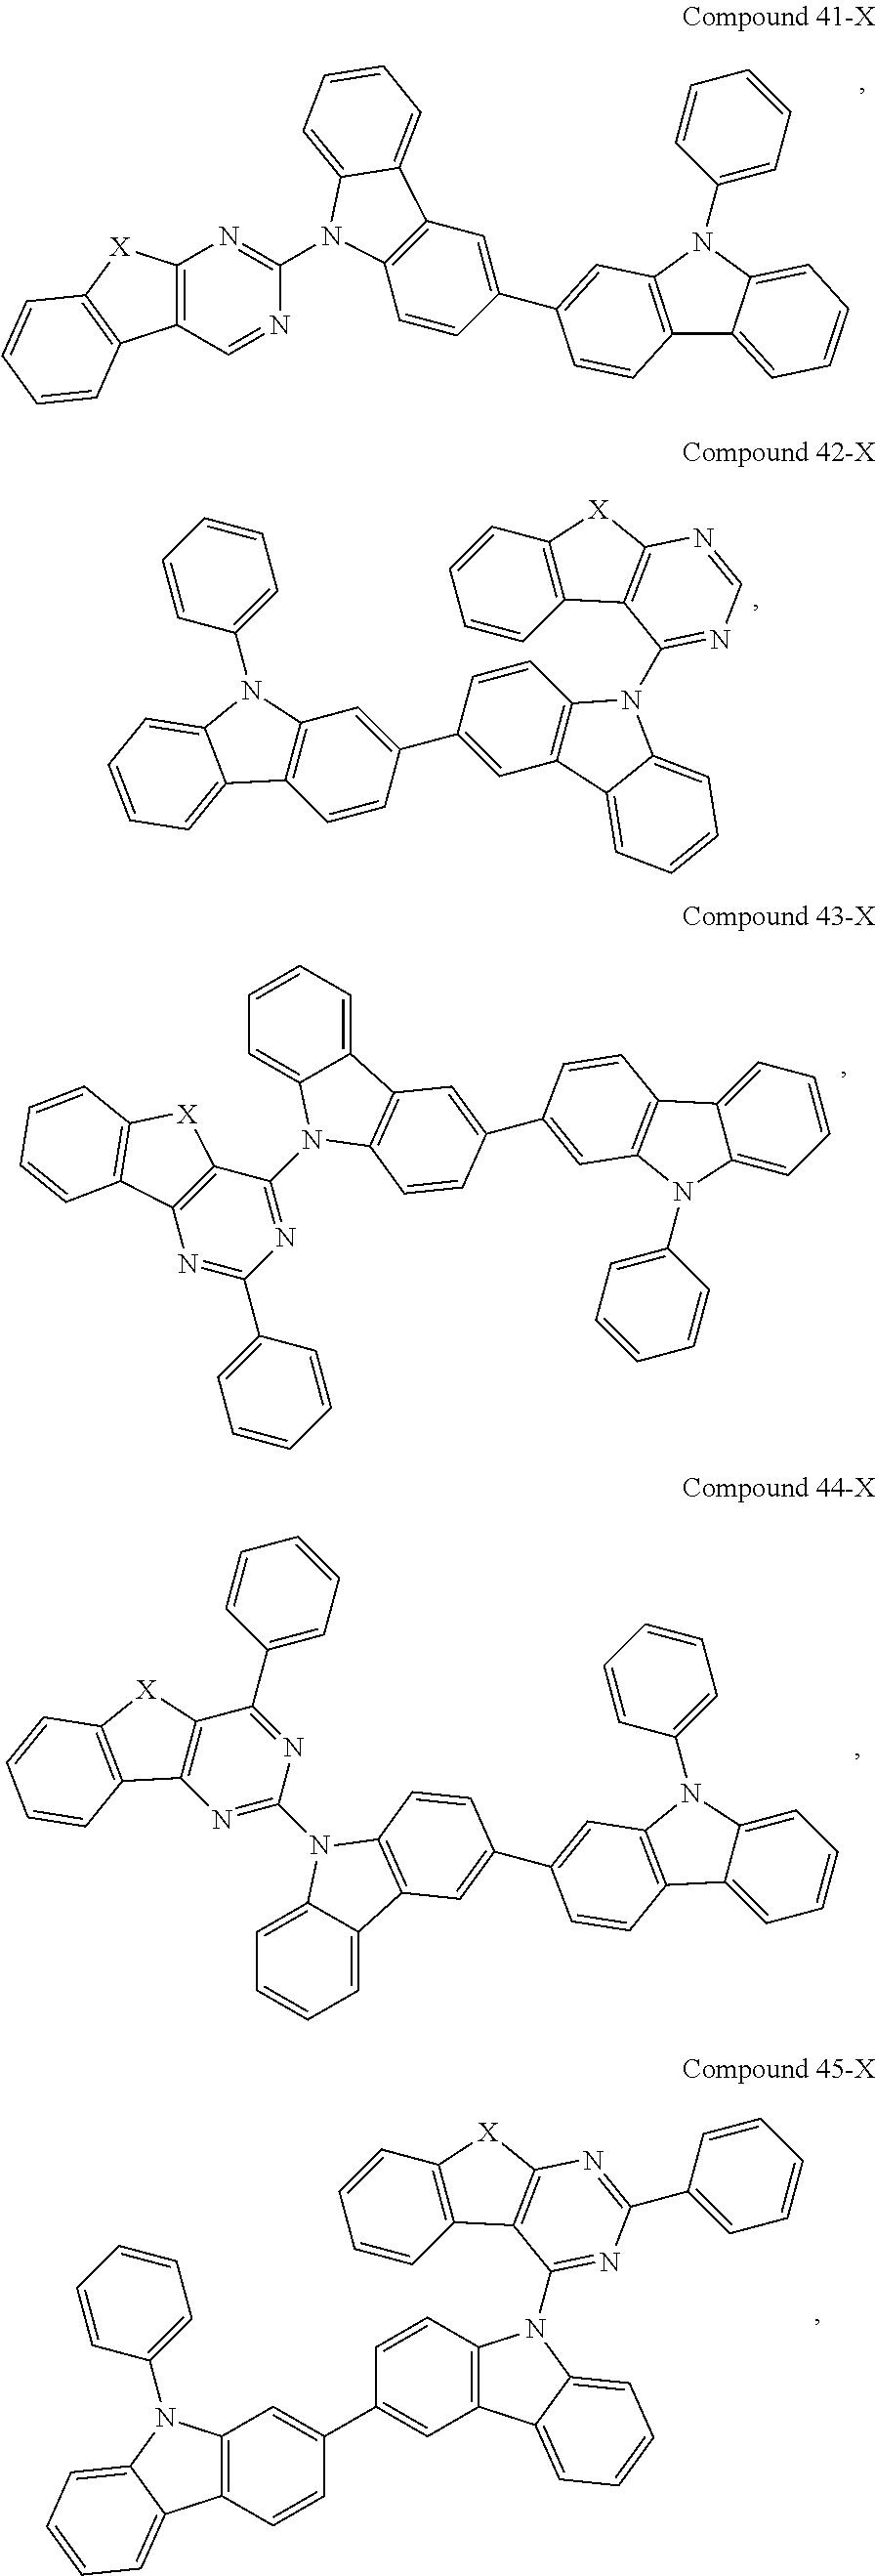 Figure US09553274-20170124-C00015